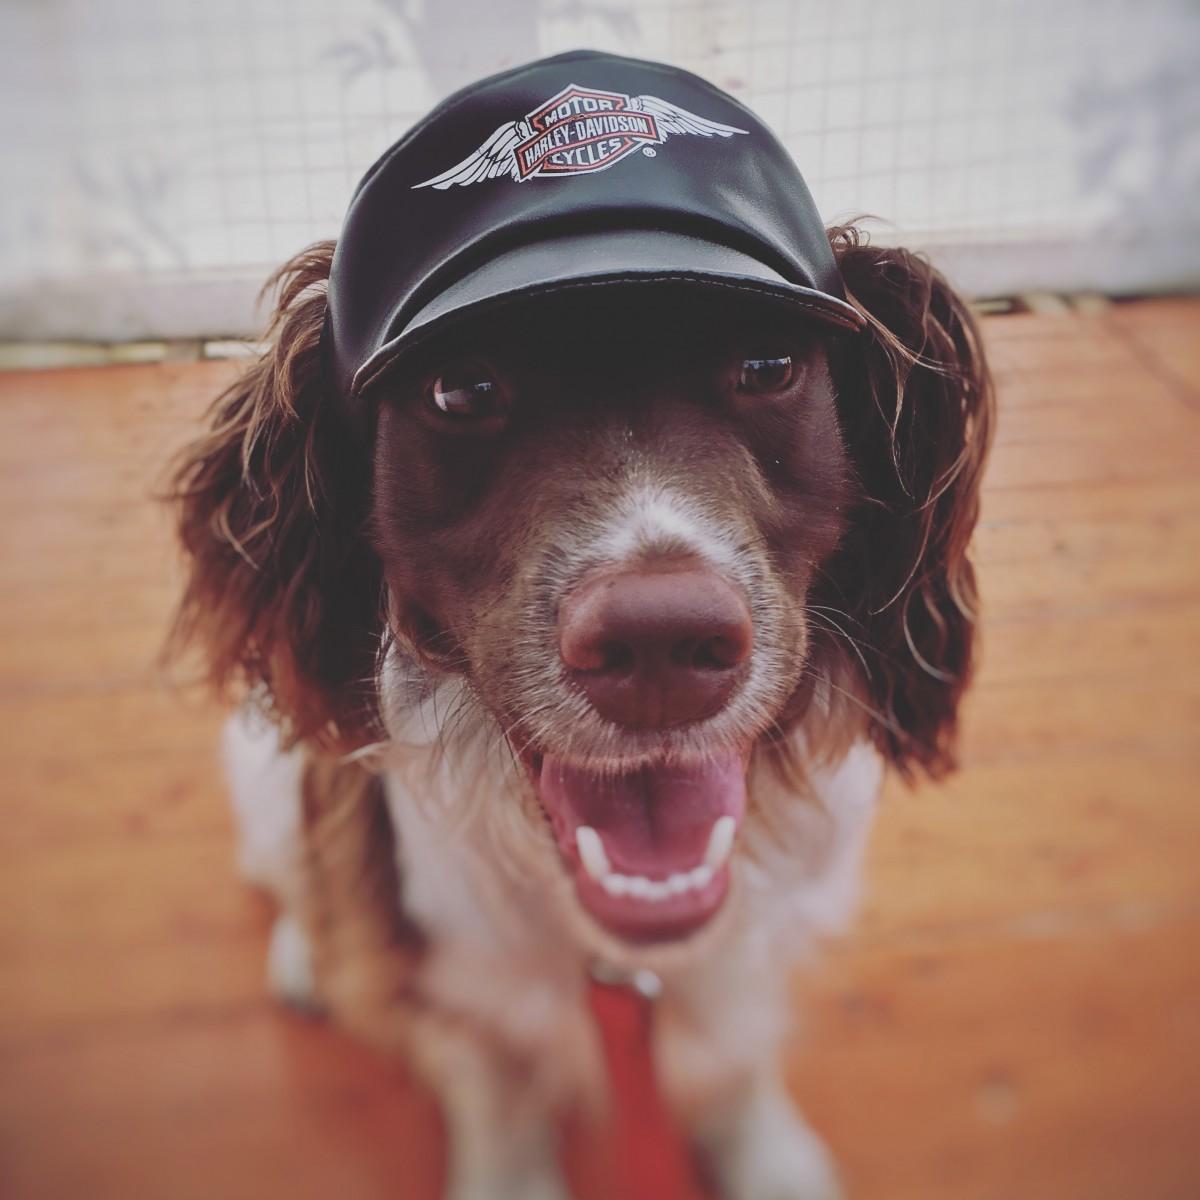 Millie in Harley Davidson hat Thunder in the Glens 2016